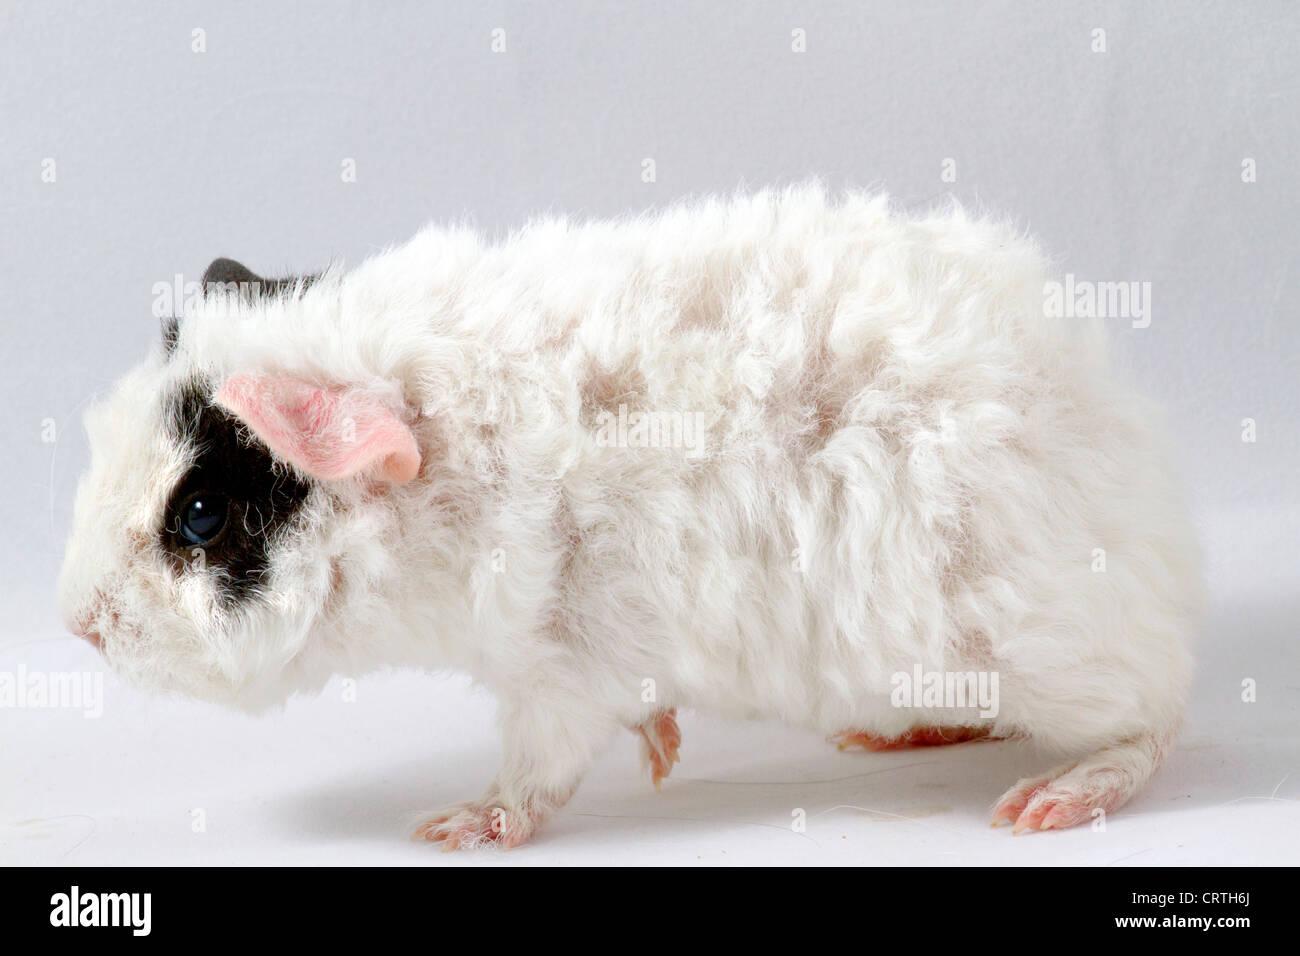 Merino baby guin - Stock Image